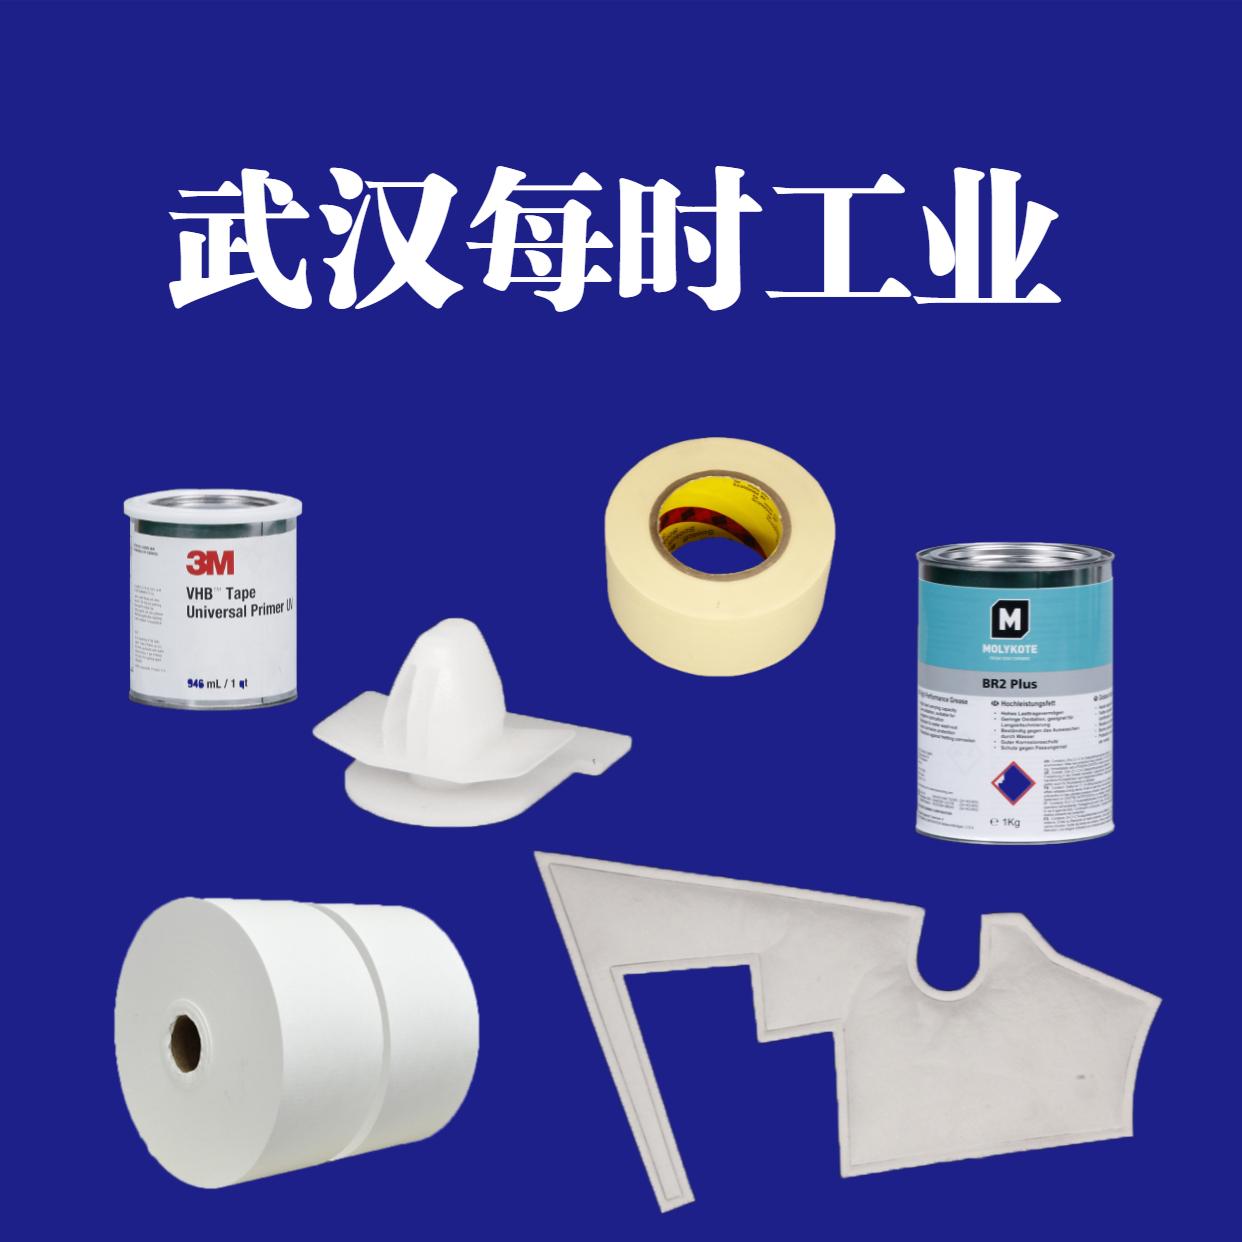 现货供应3m双面胶,泡棉胶,品种齐全接受定制